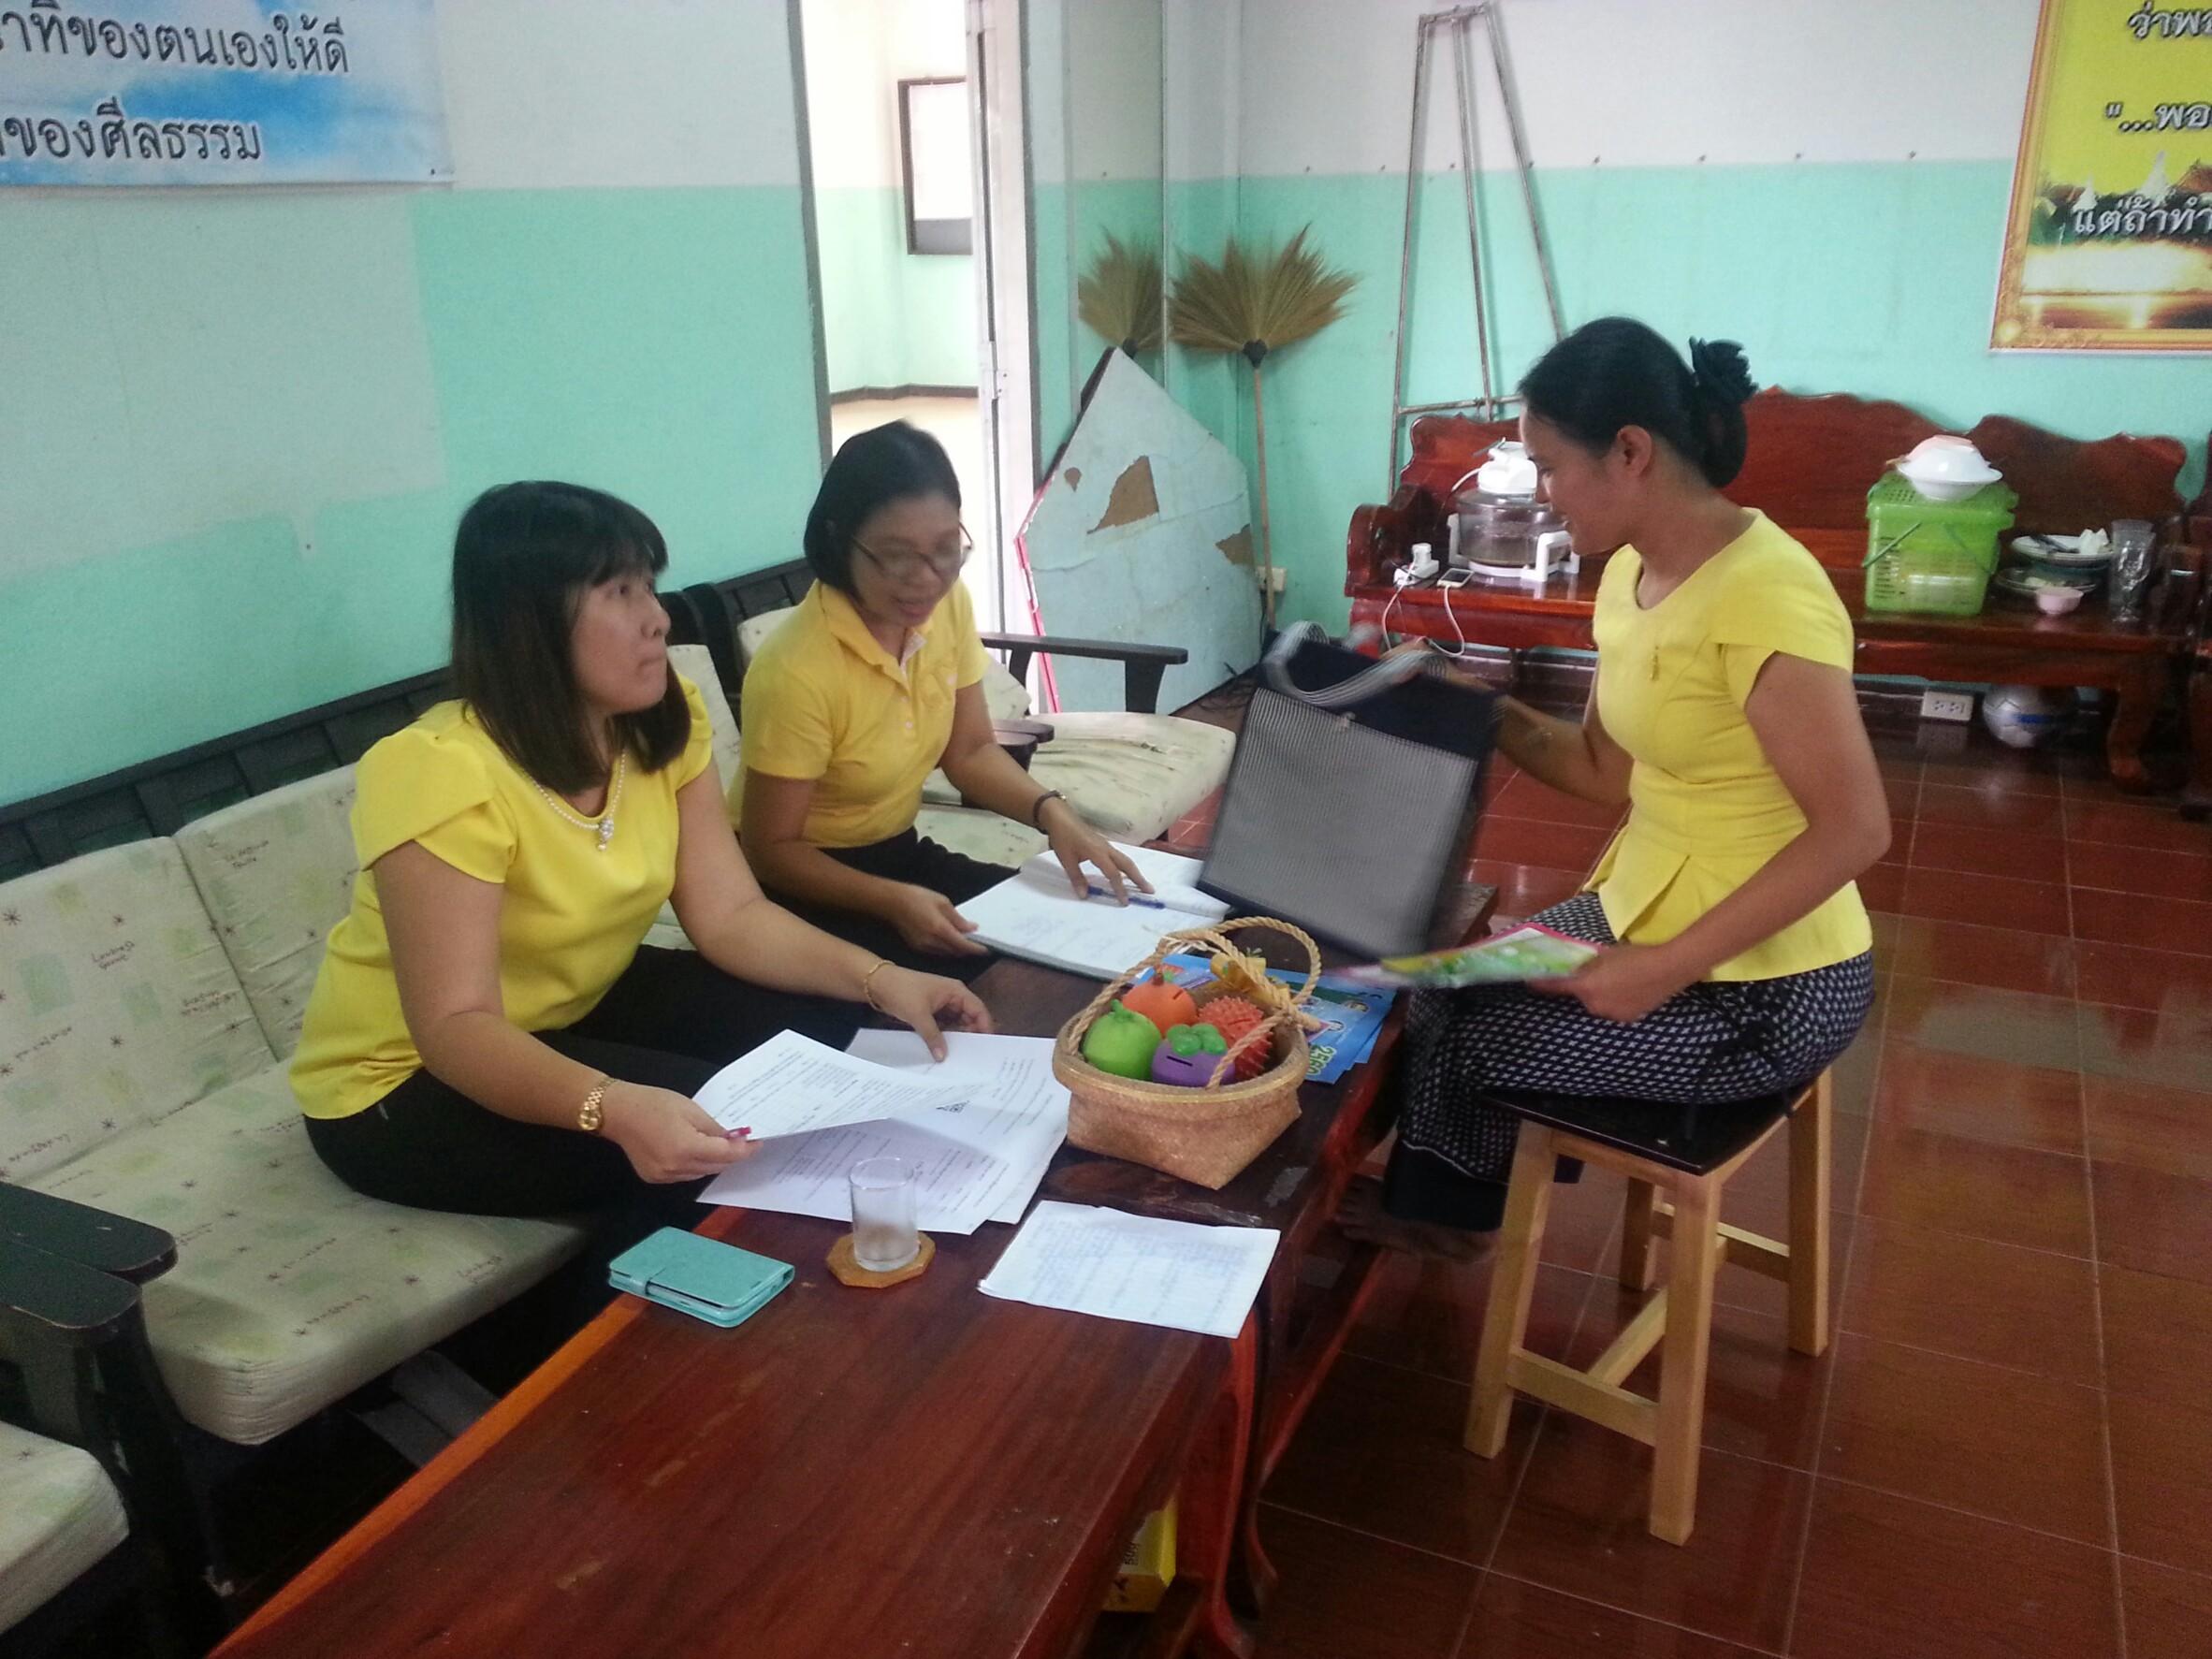 โครงการขยายเครือข่ายข้อมูลข่าวสารสู่ตำบลและหมู่บ้าน ปี 2561 ในจังหวัดหนองบัวลำภู